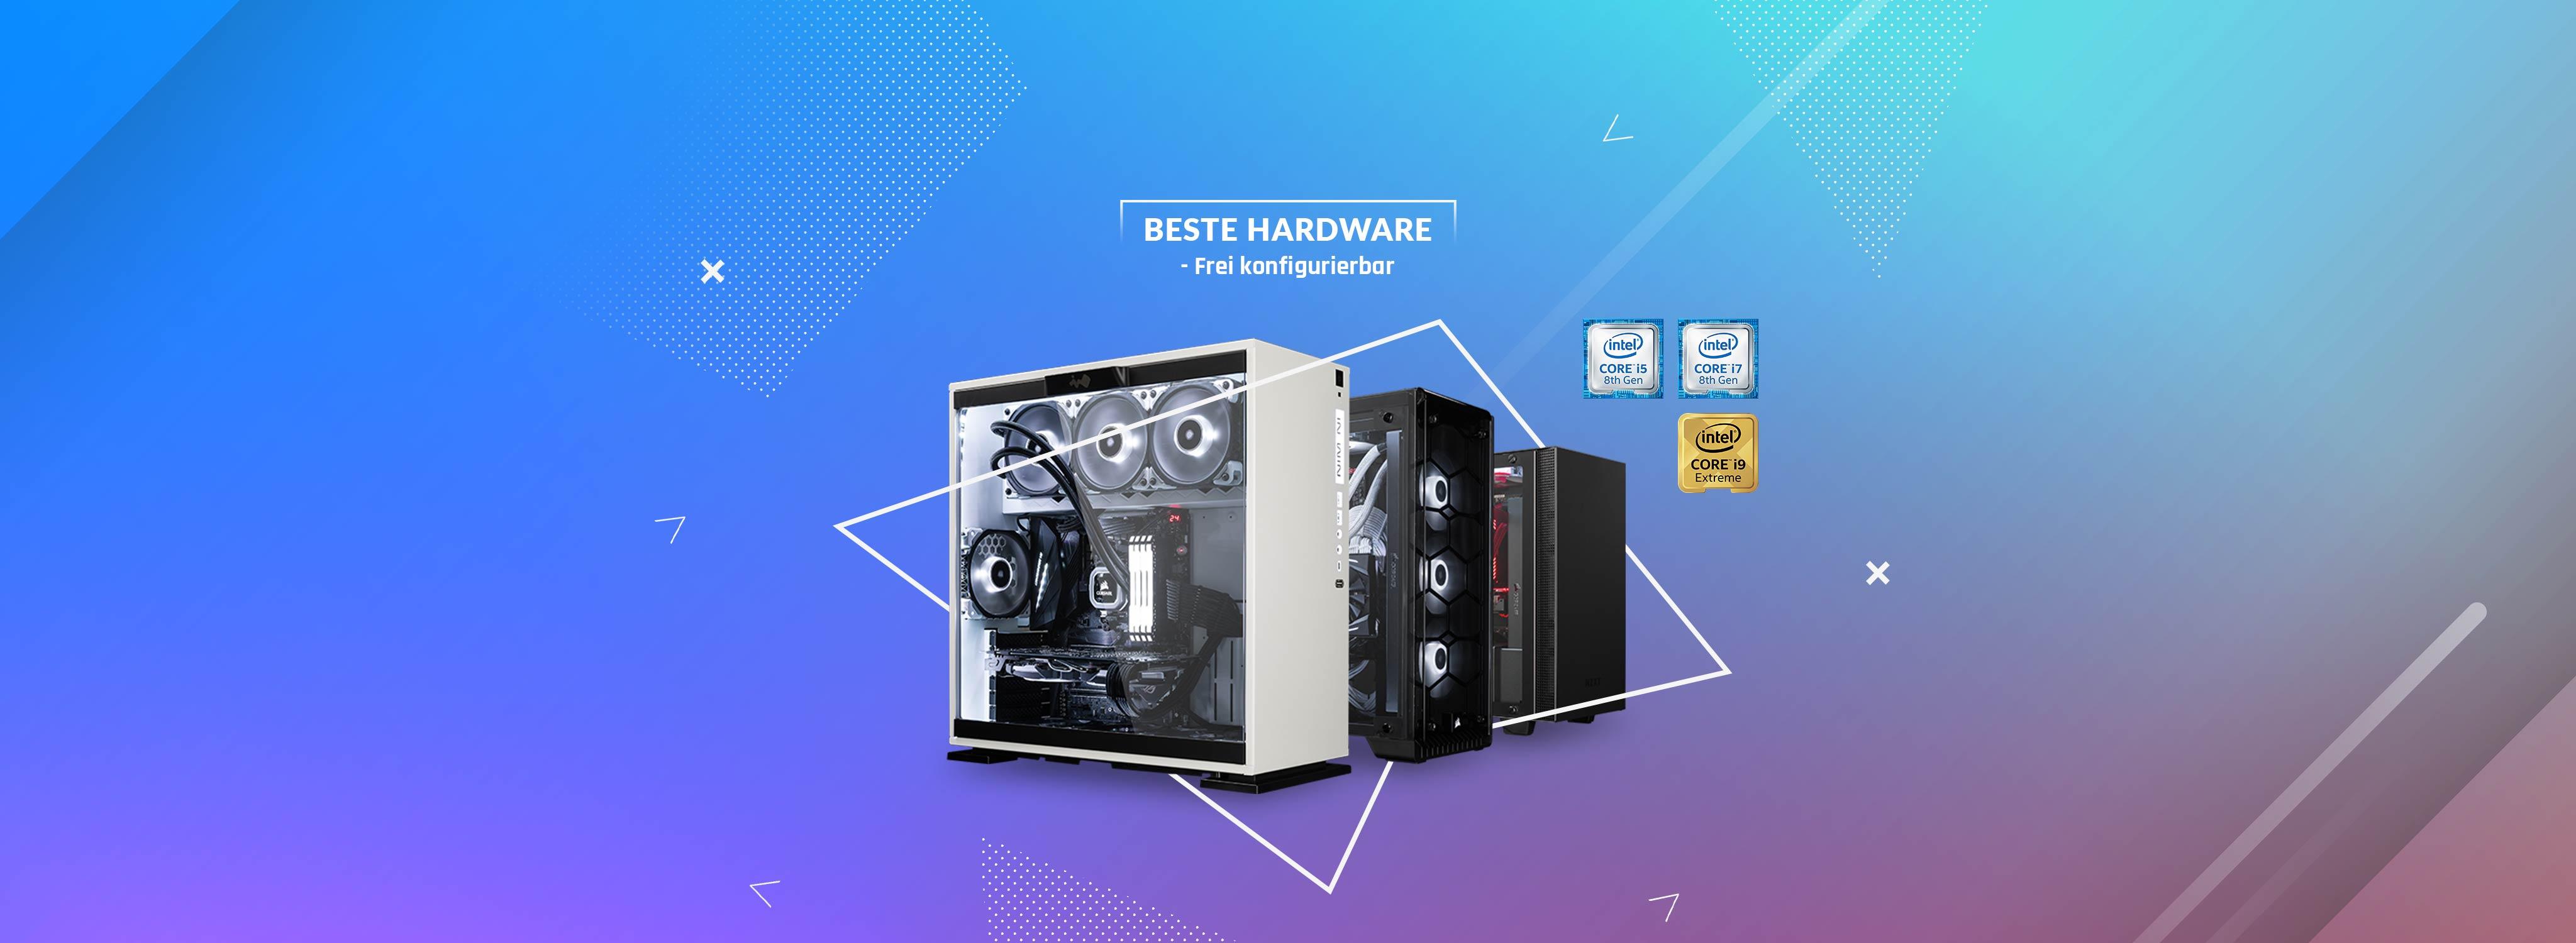 Bestware Desktop-Konfigurator